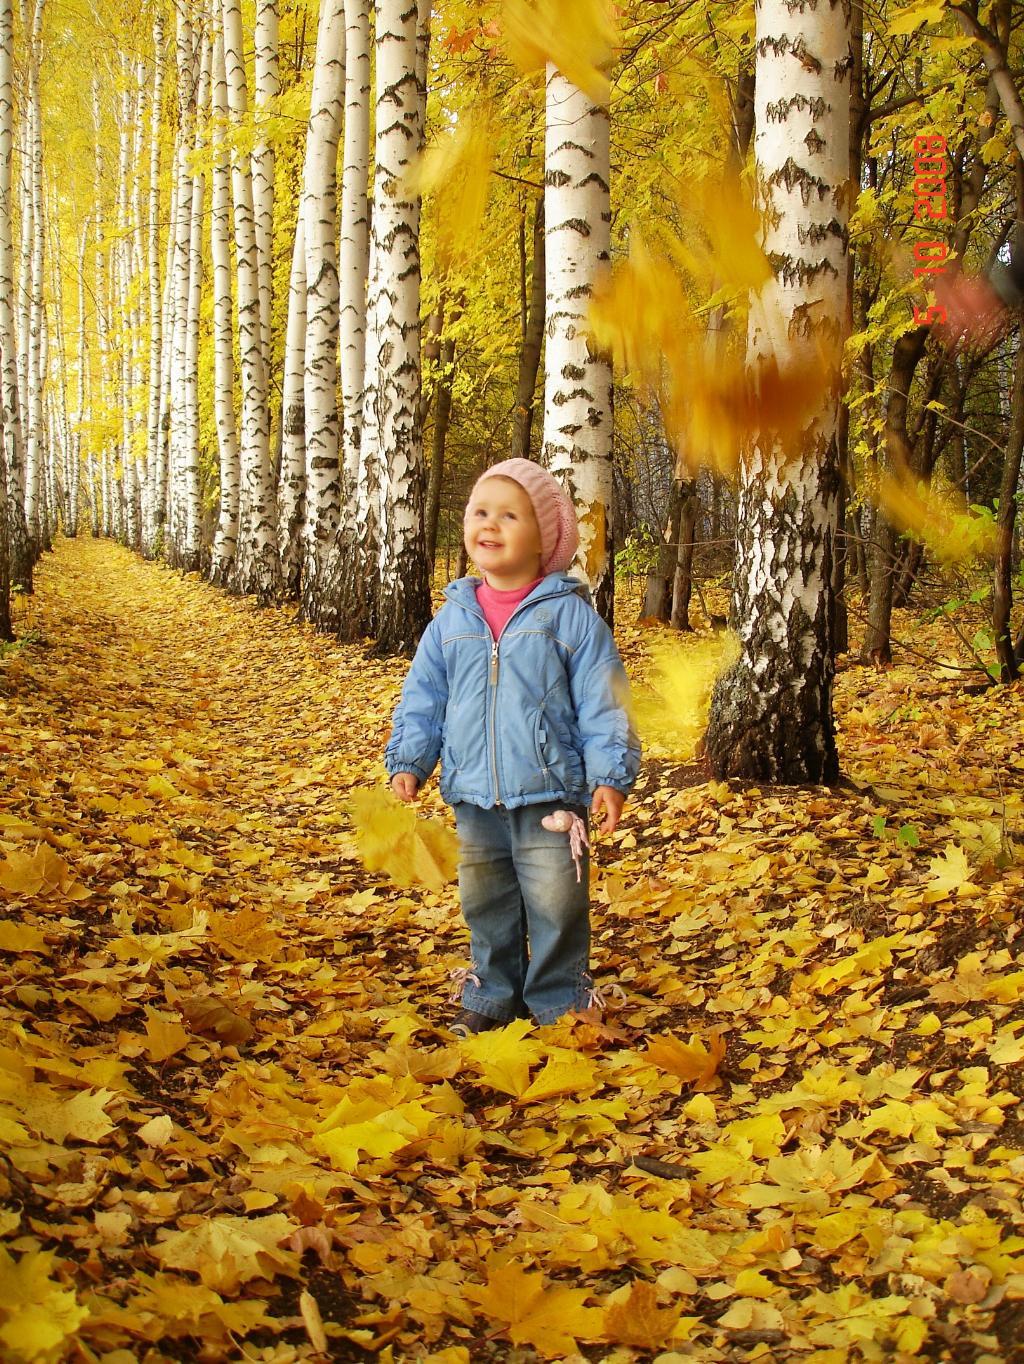 Как красиво!. Осенняя прогулка